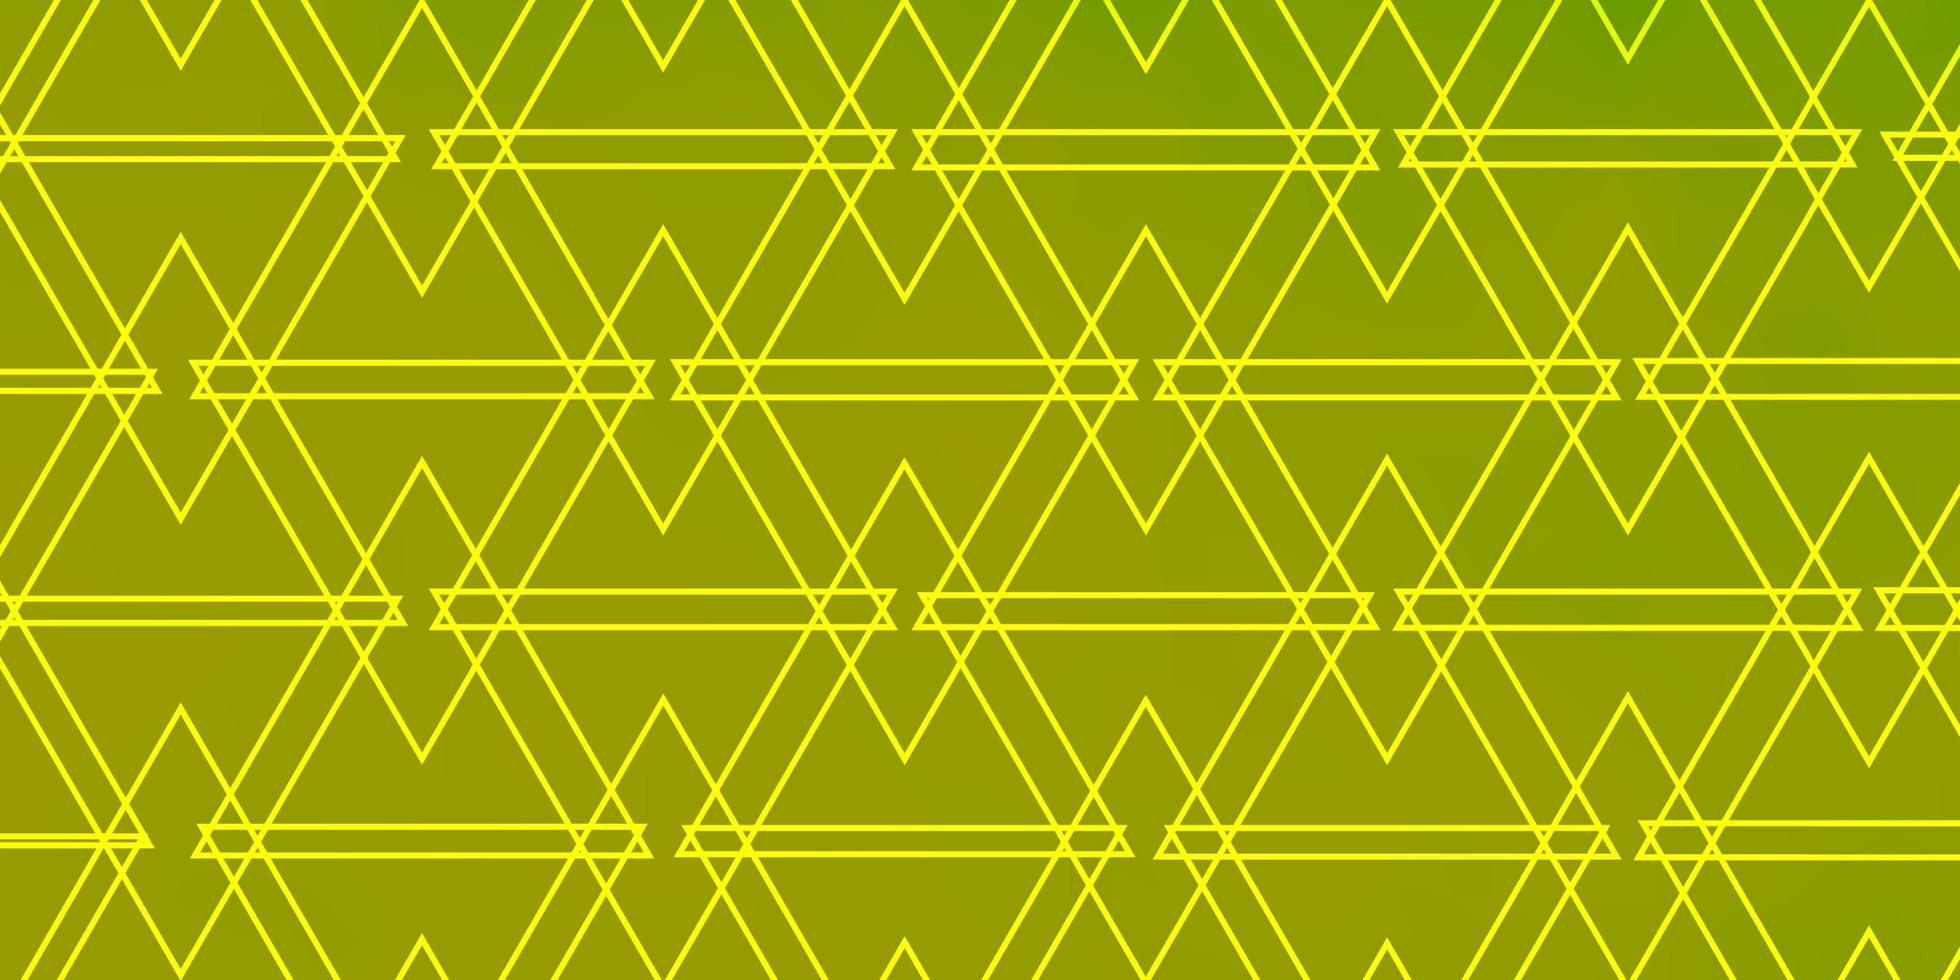 grüner und gelber Hintergrund mit Dreiecken. vektor